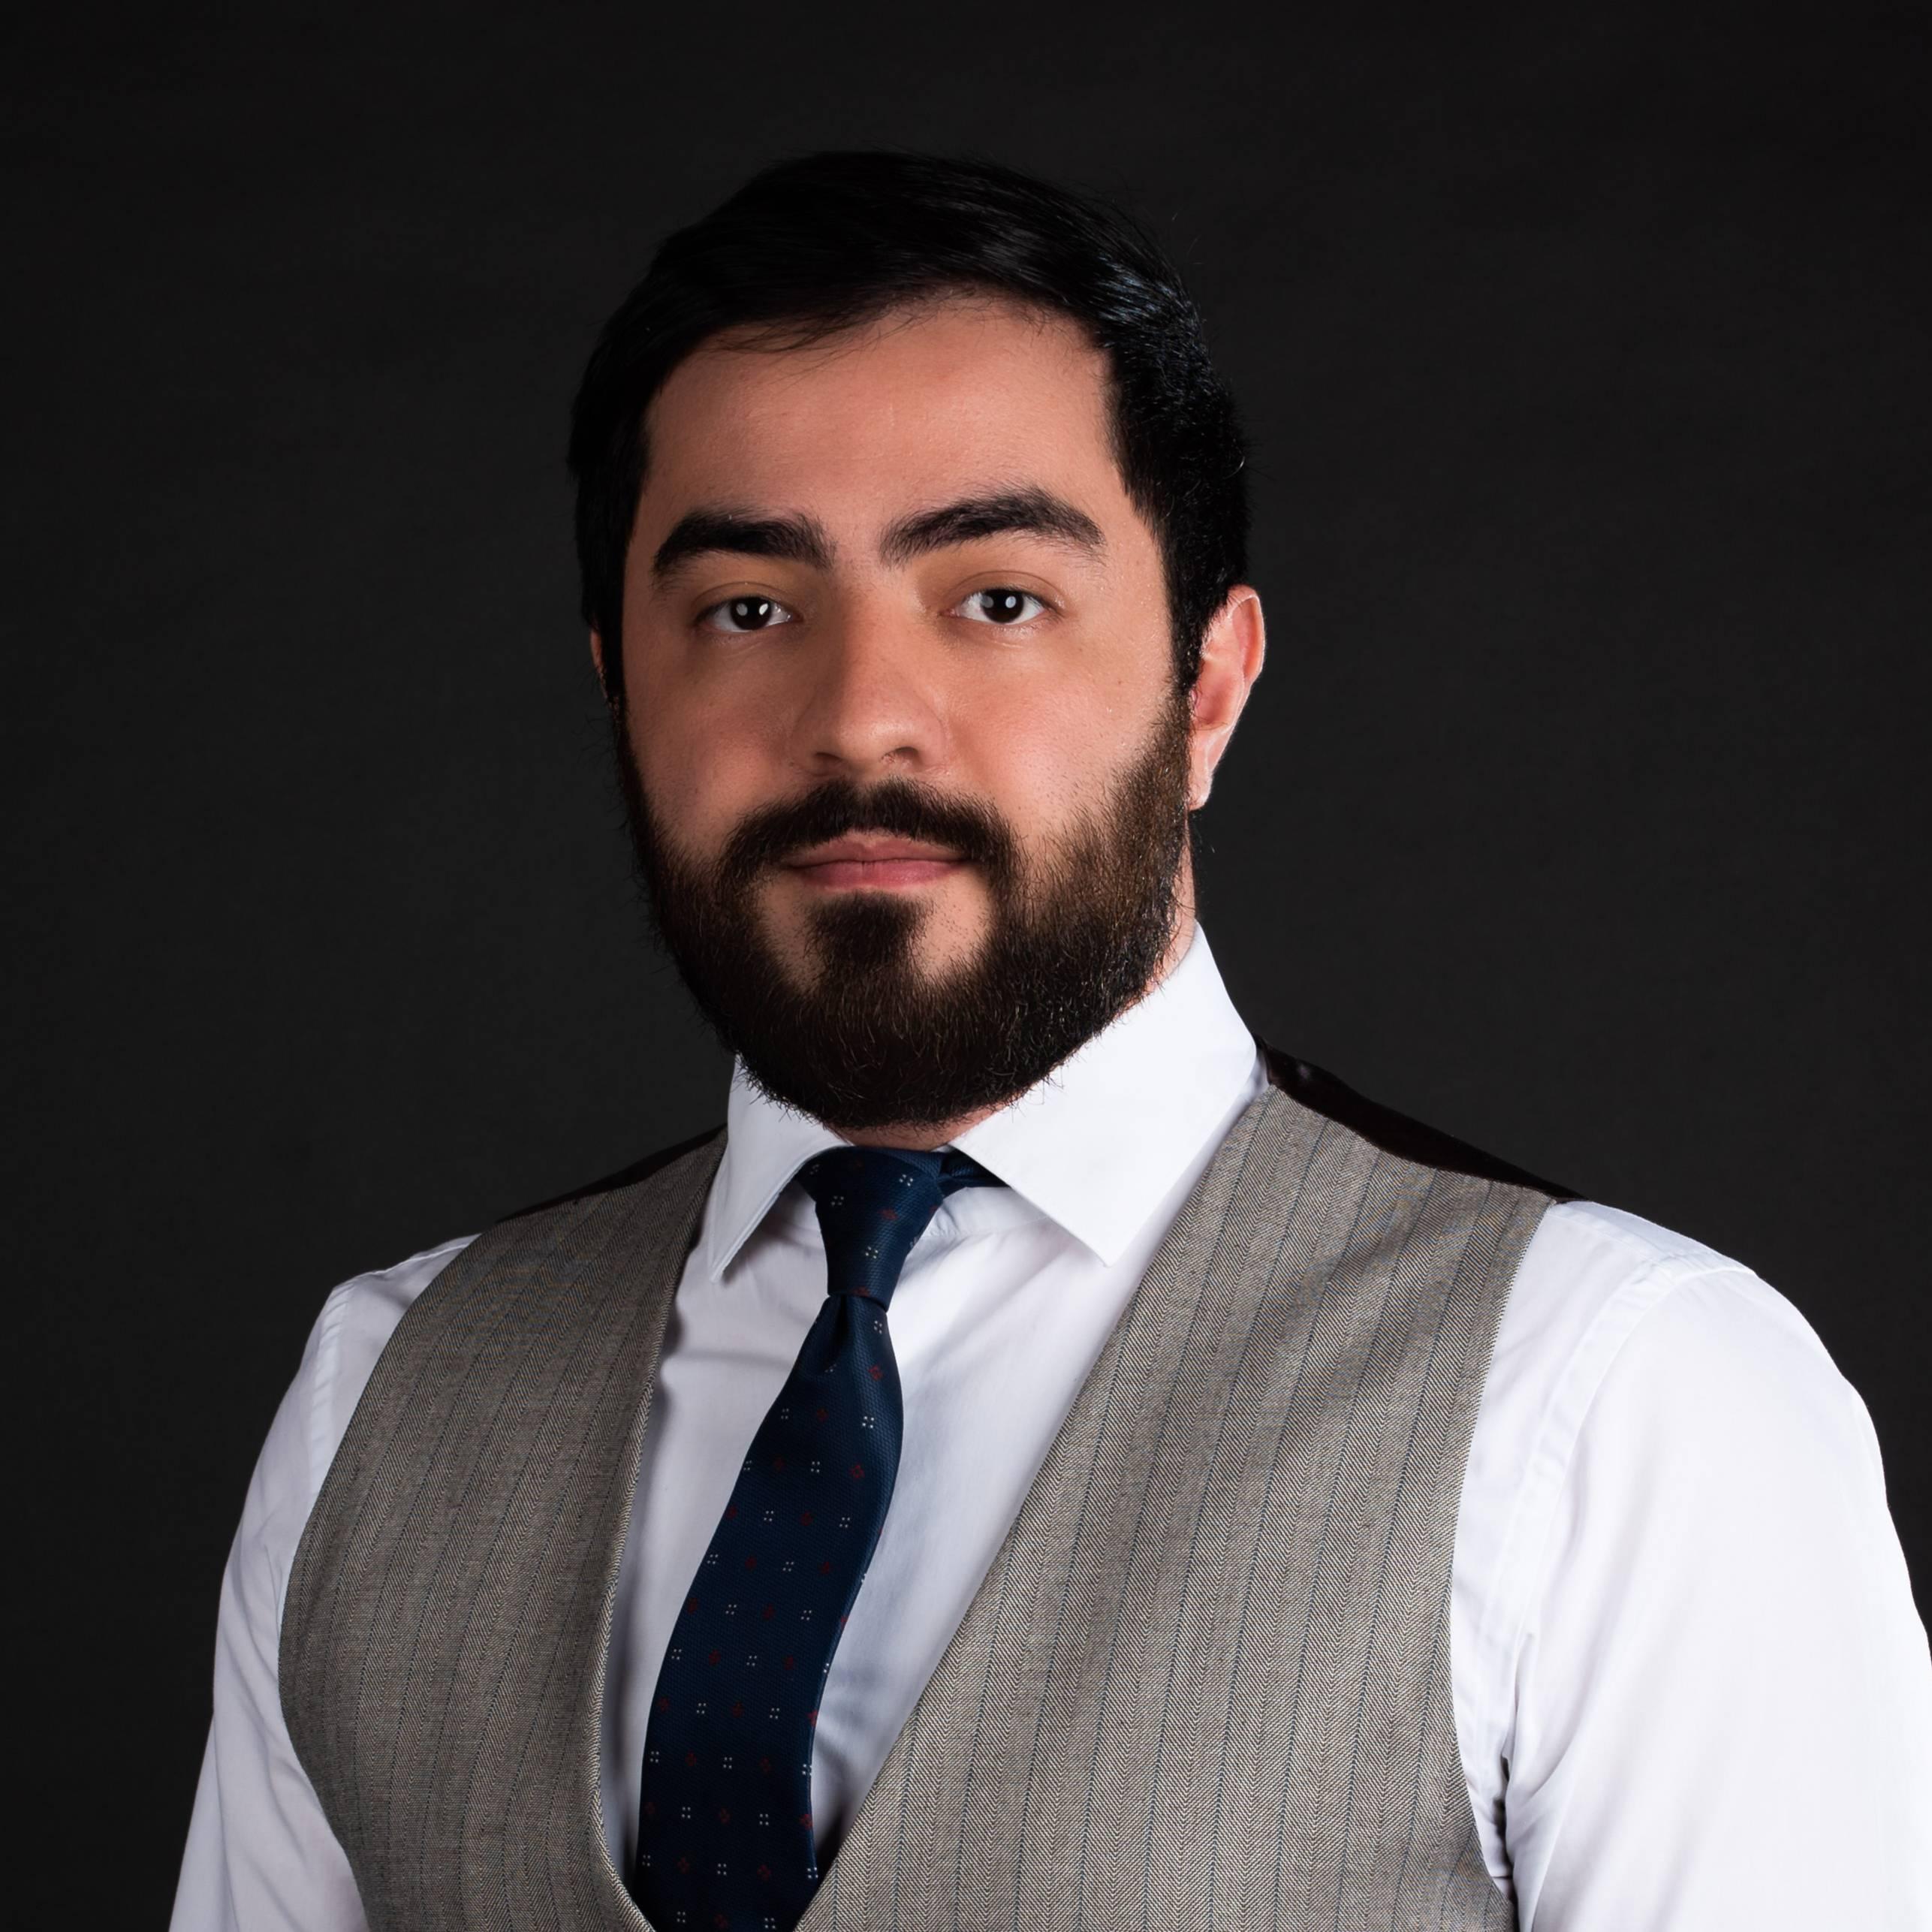 Firuz Khalikdzhanov